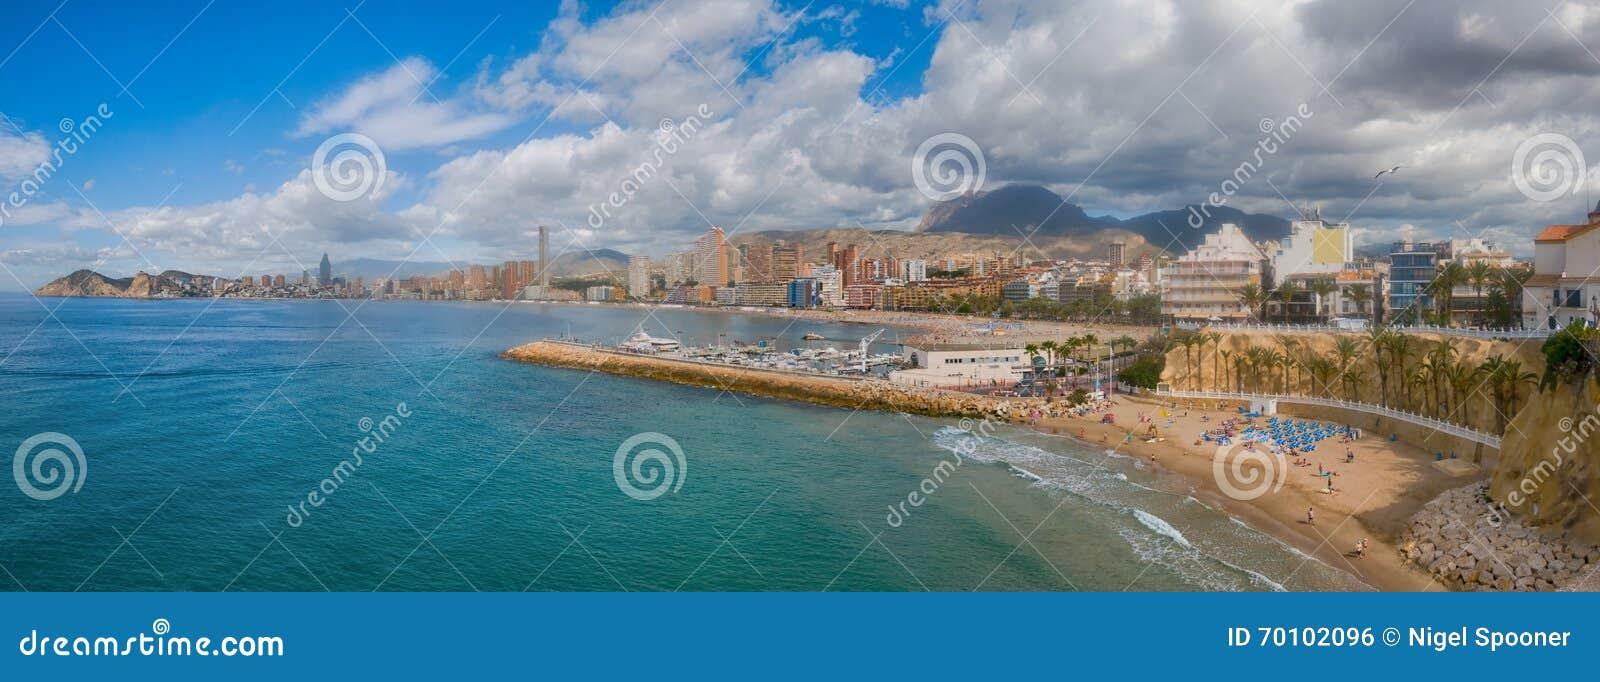 Benidorm,西班牙全景